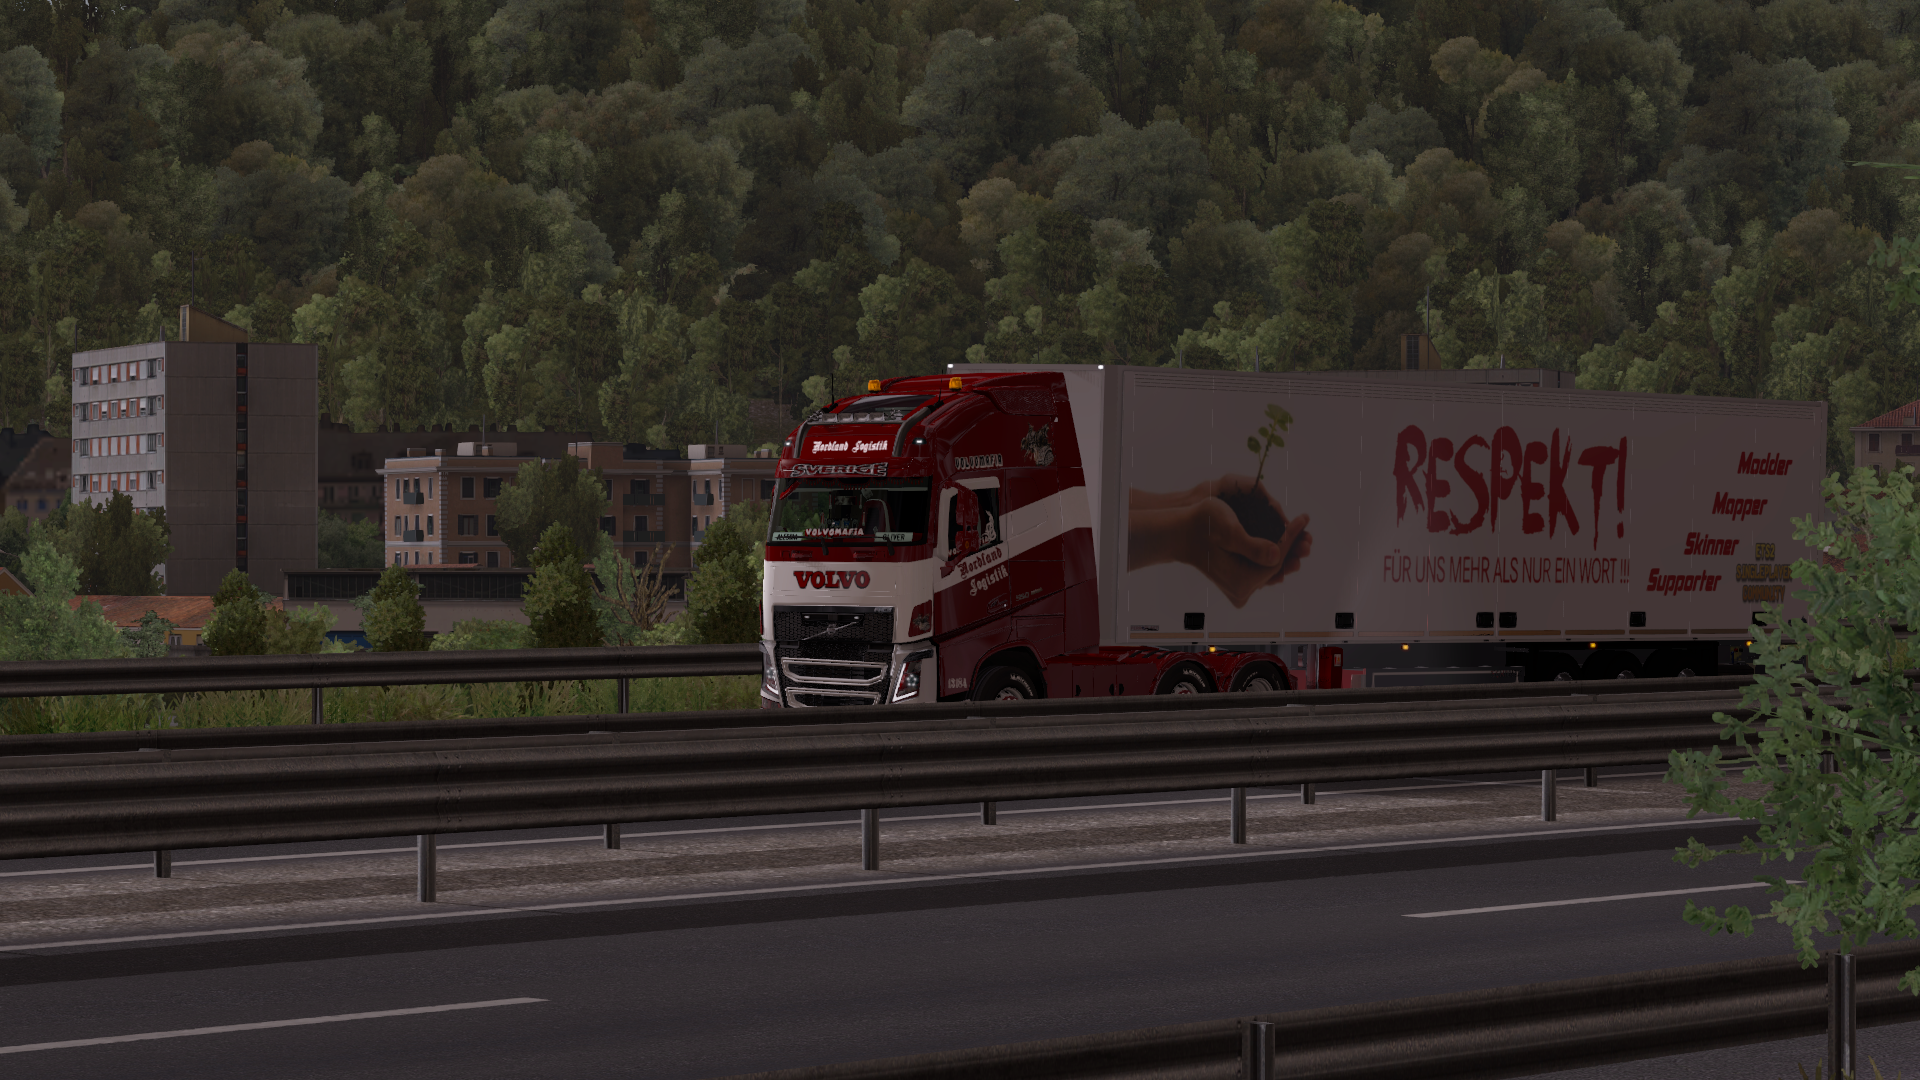 Ungewöhnlich Trucking Fortsetzen Ziel Bilder - Entry Level Resume ...